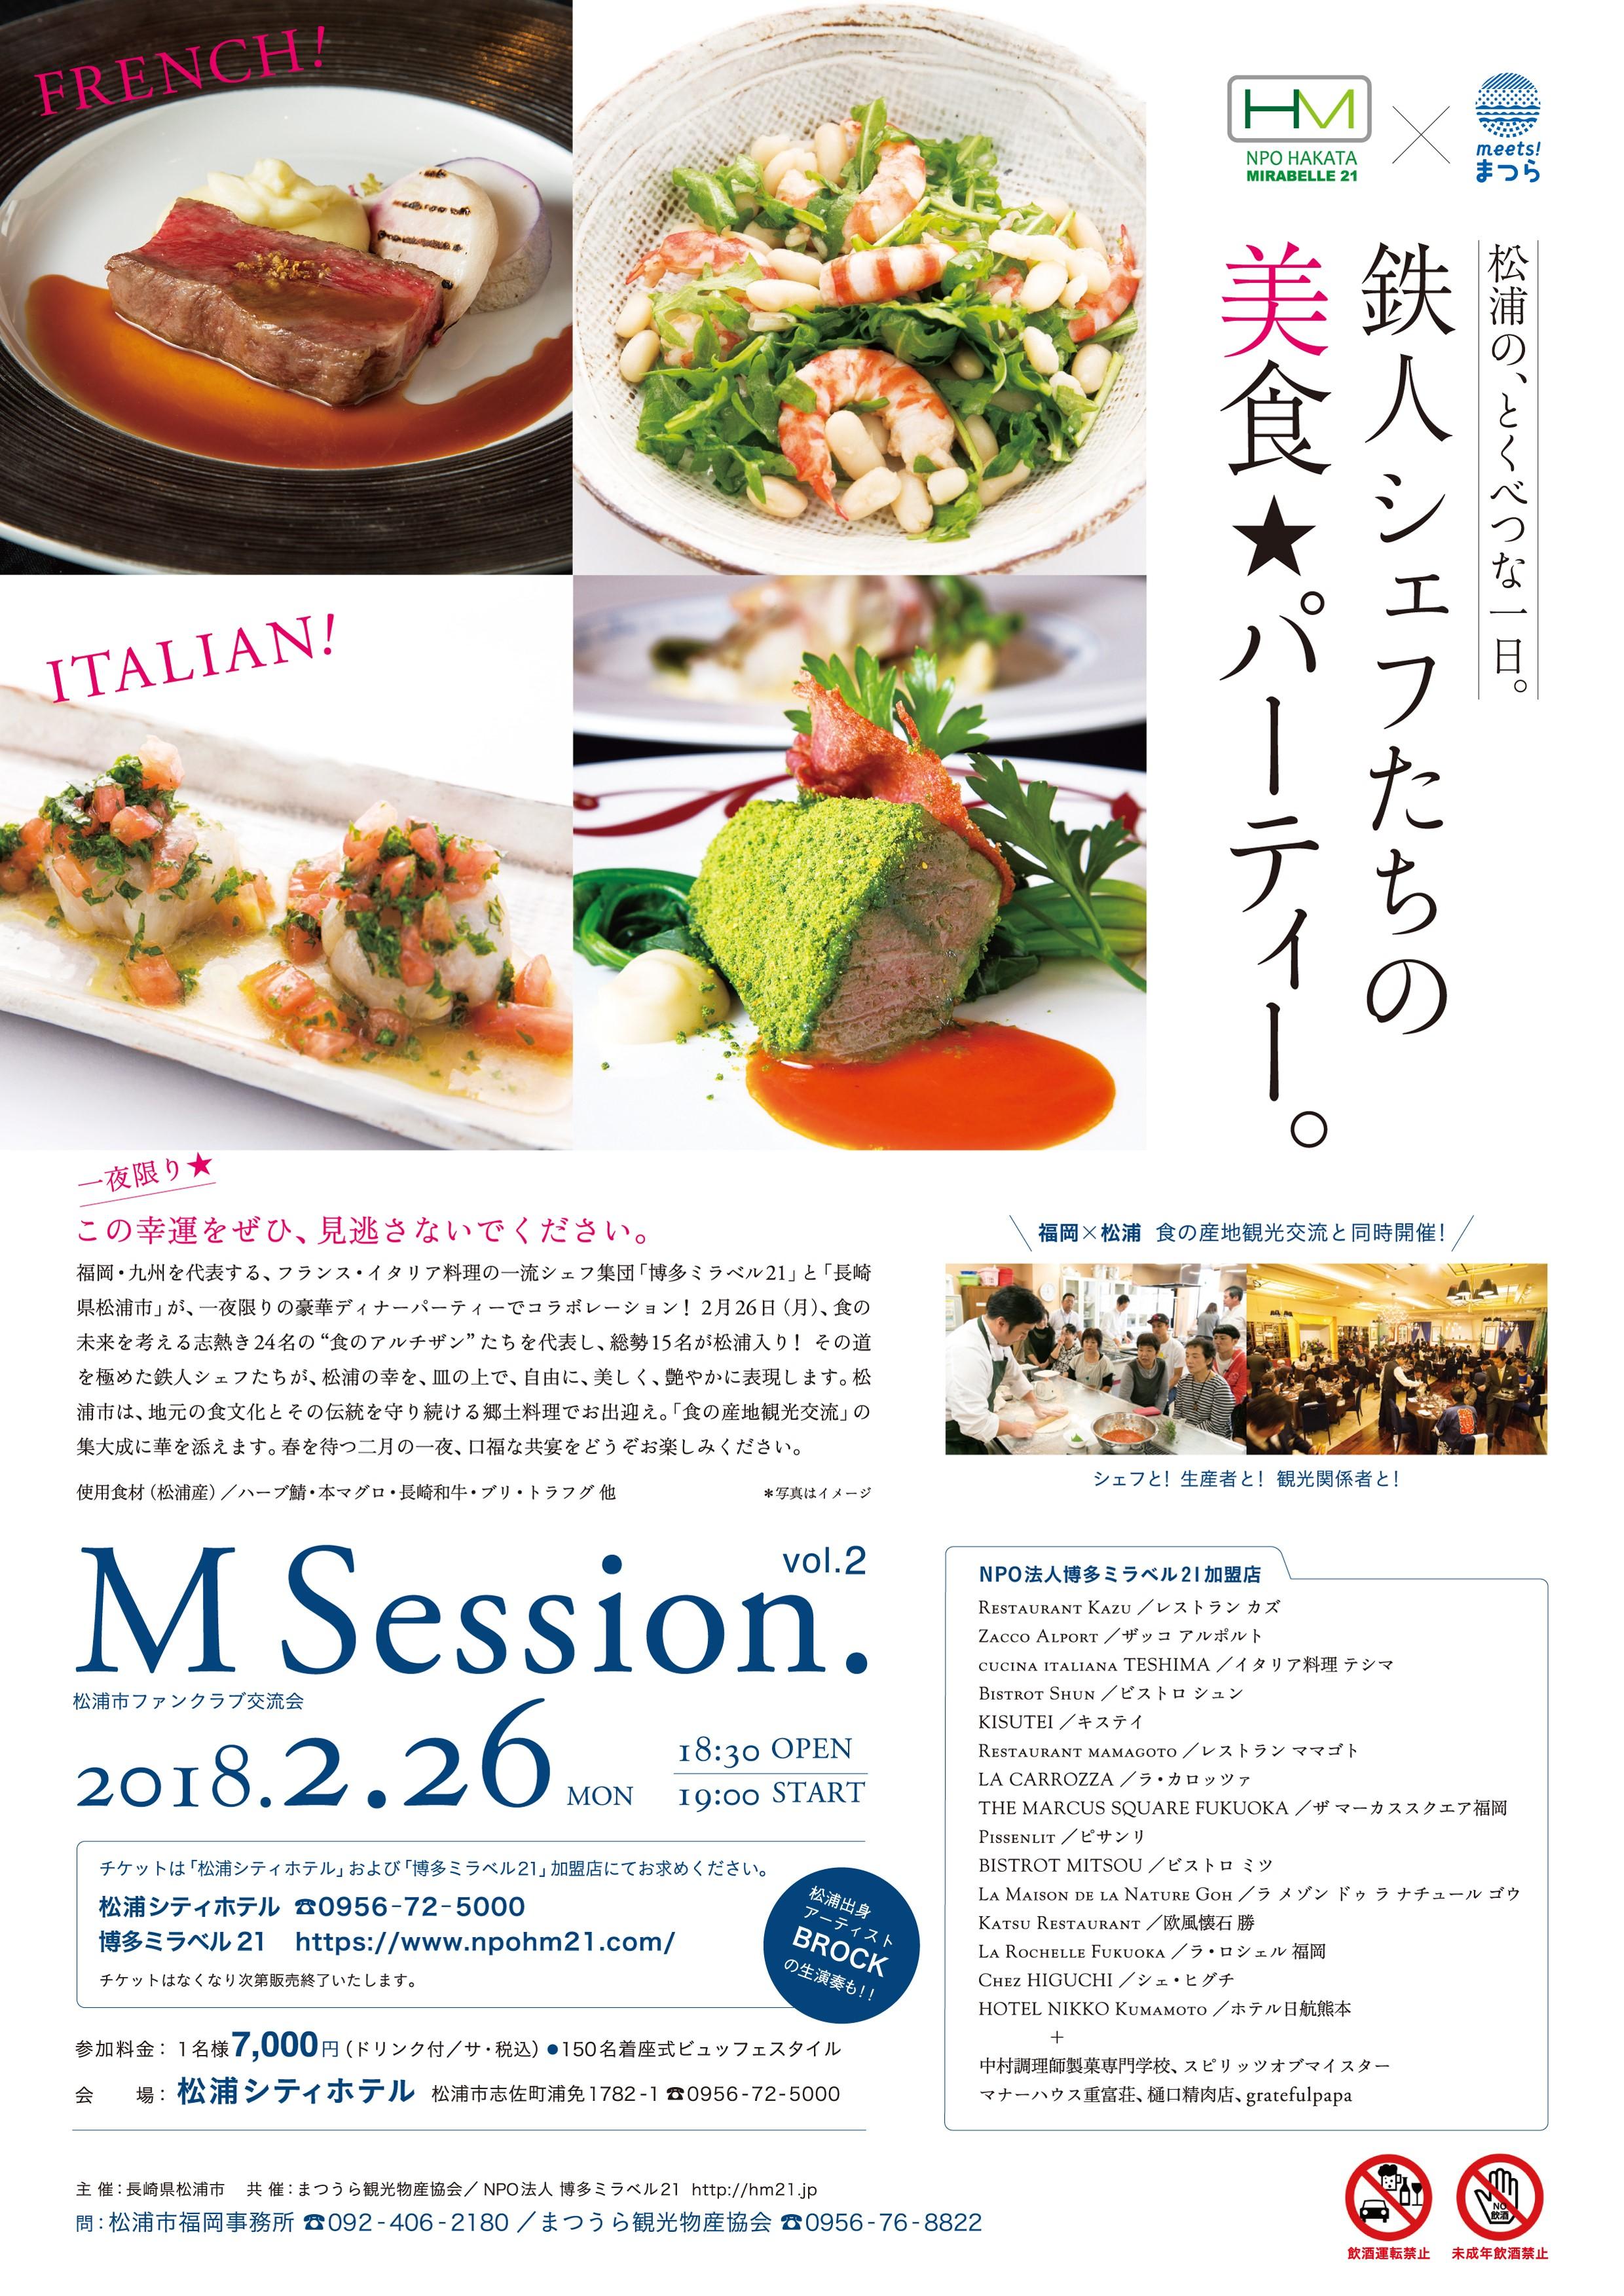 松浦のとくべつな一日 ≪鉄人シェフたちの美食★パーティ≫が開催されます❣